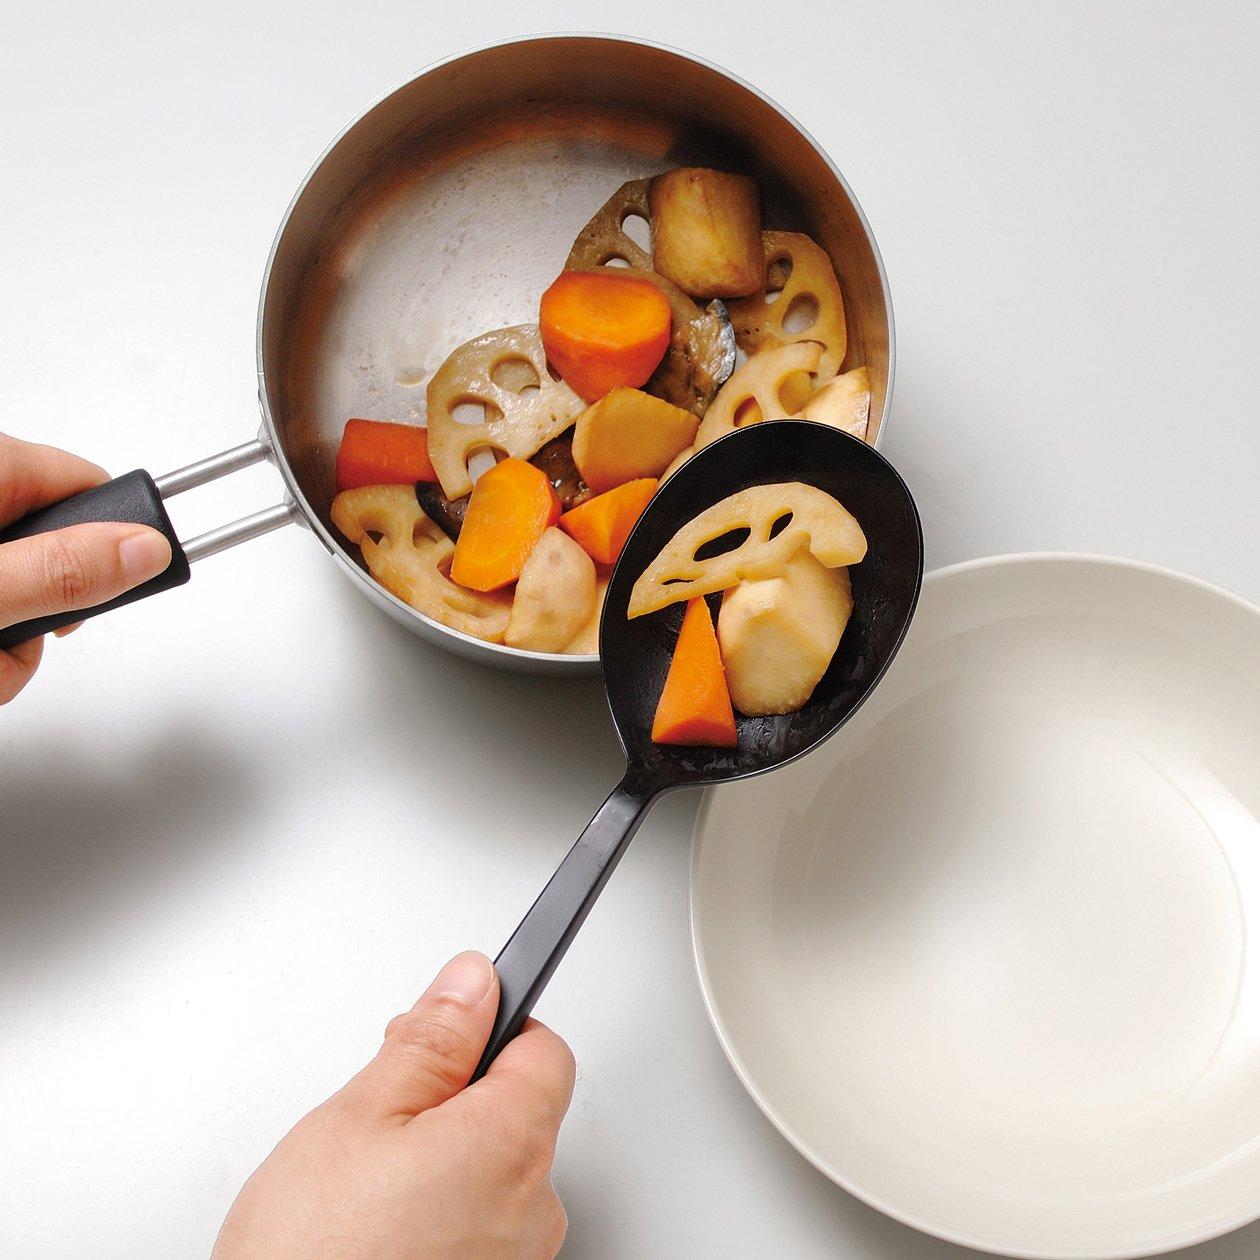 Amazon|シリコーン調理スプーン 長さ約26cm 無印良品|スプーン オンライン通販